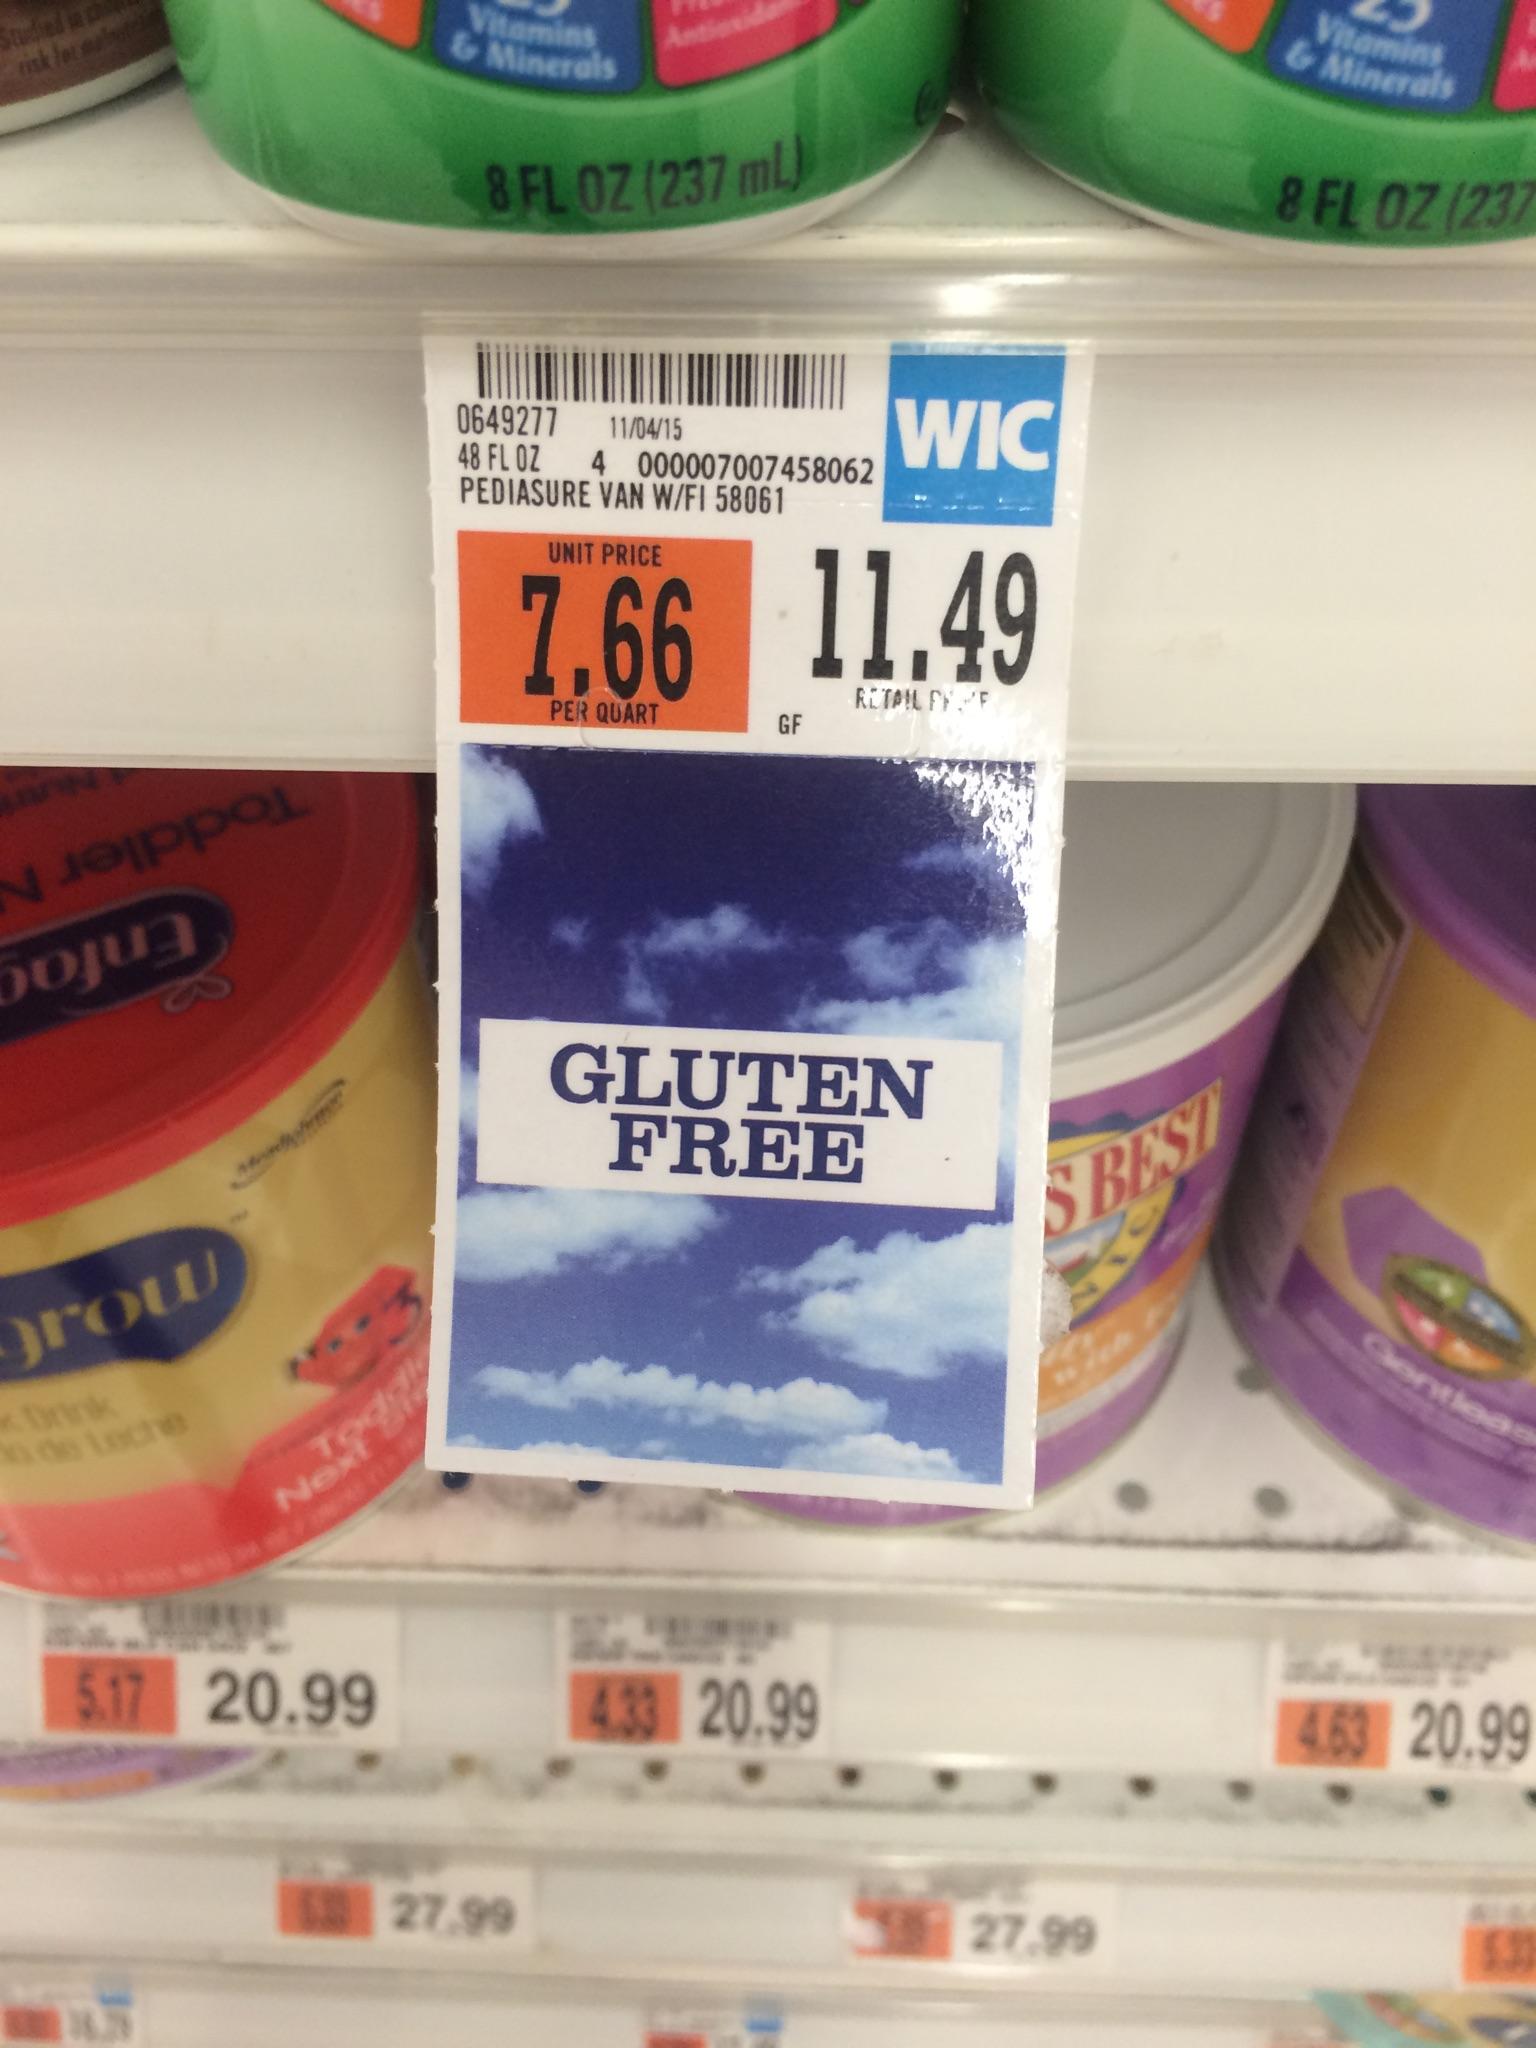 WIC shelf tag at Price Chopper